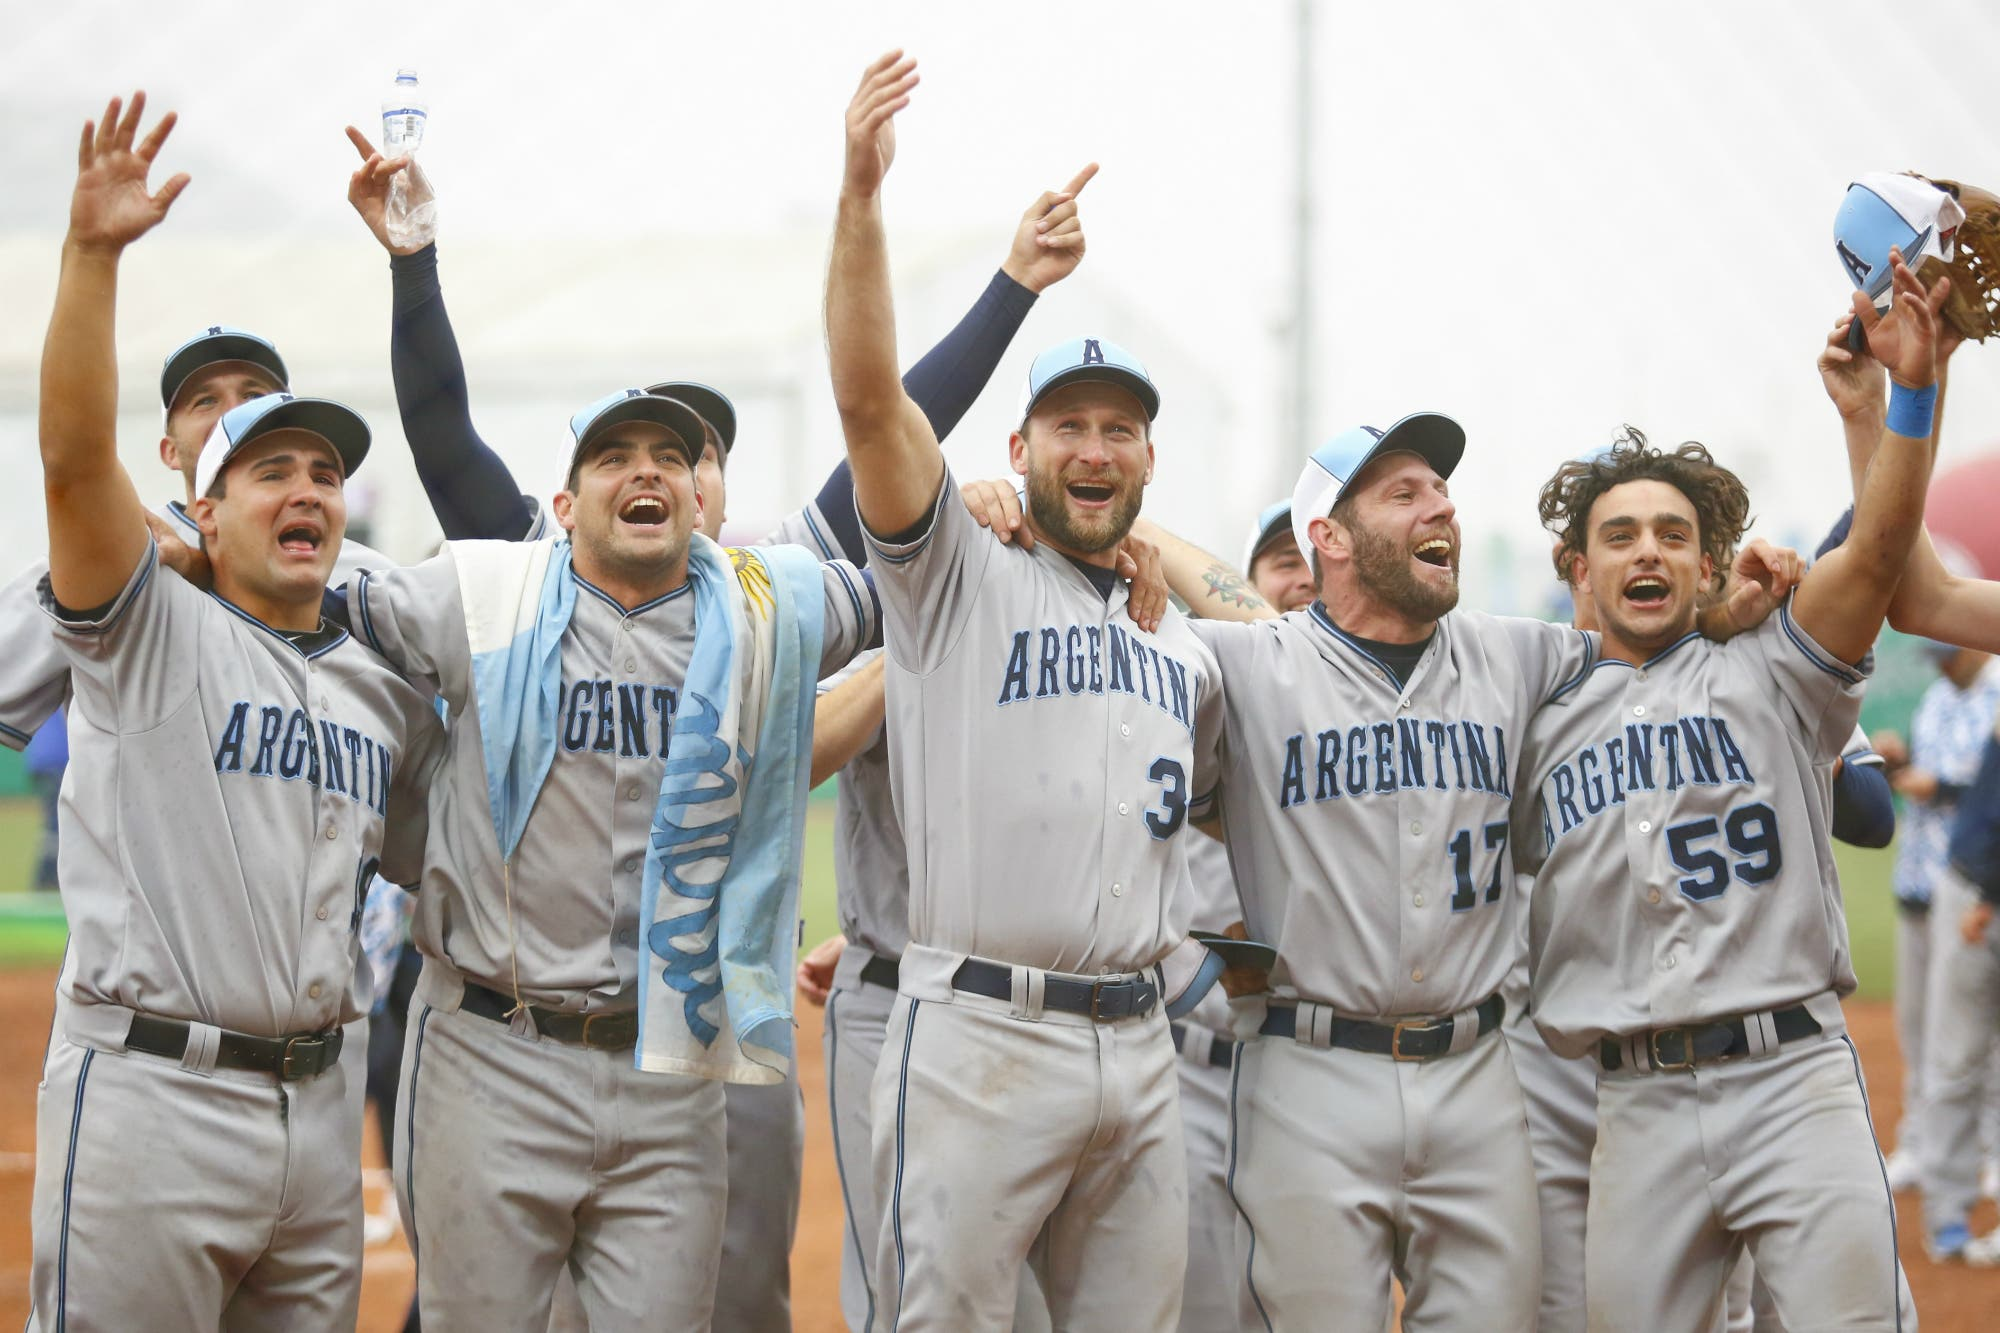 Panamericanos. Demoledor: el sóftbol brilló y le dio la novena medalla dorada a Argentina